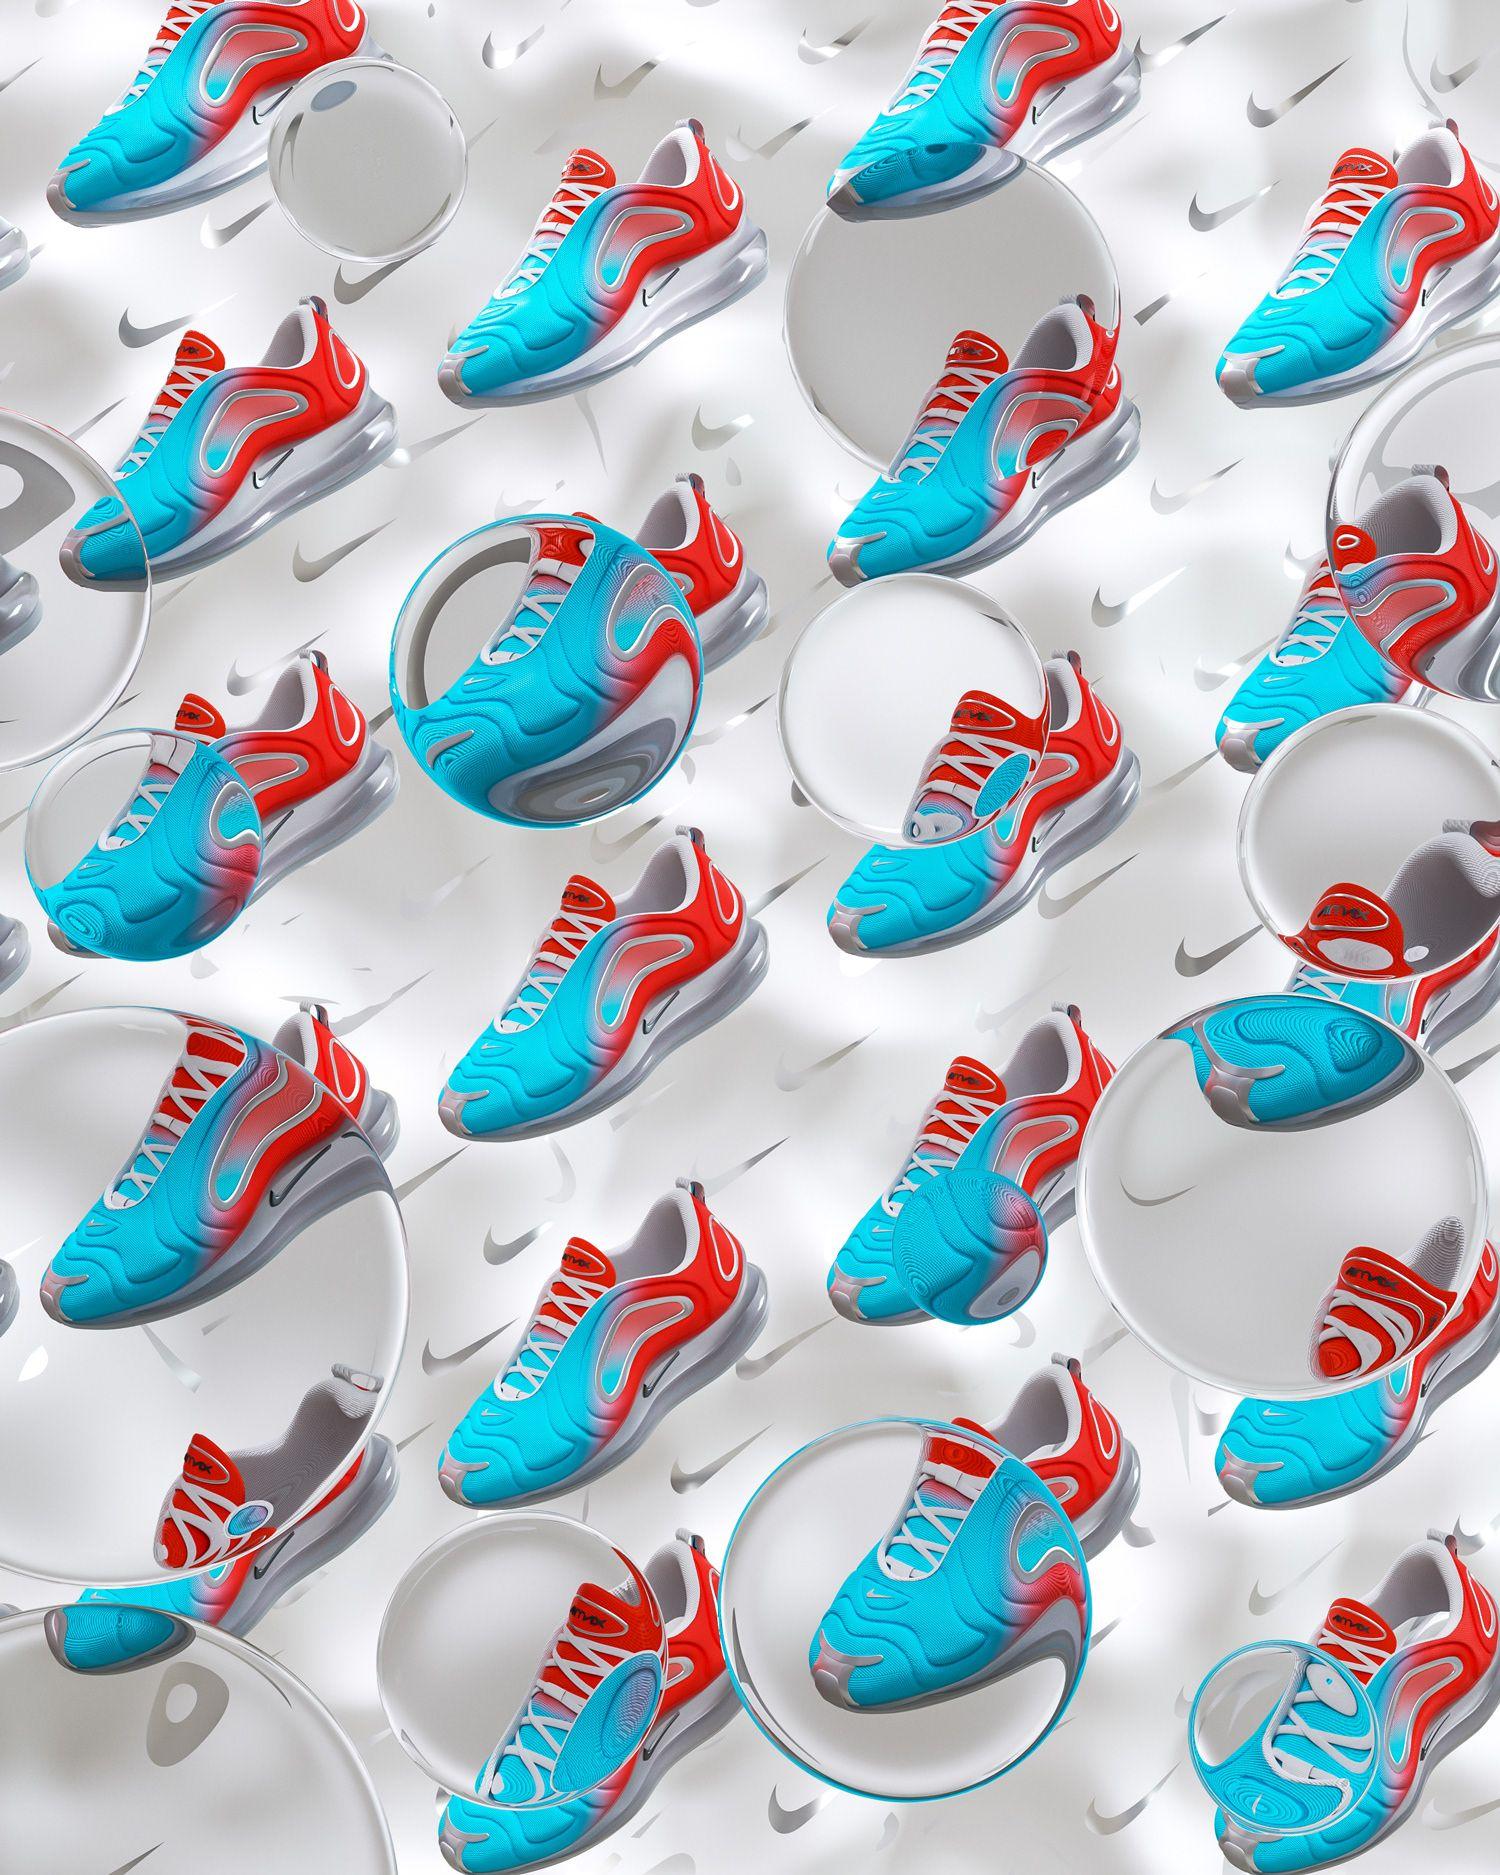 Nike X JD Air Max 720 on Behance | C4D in 2019 | Air max